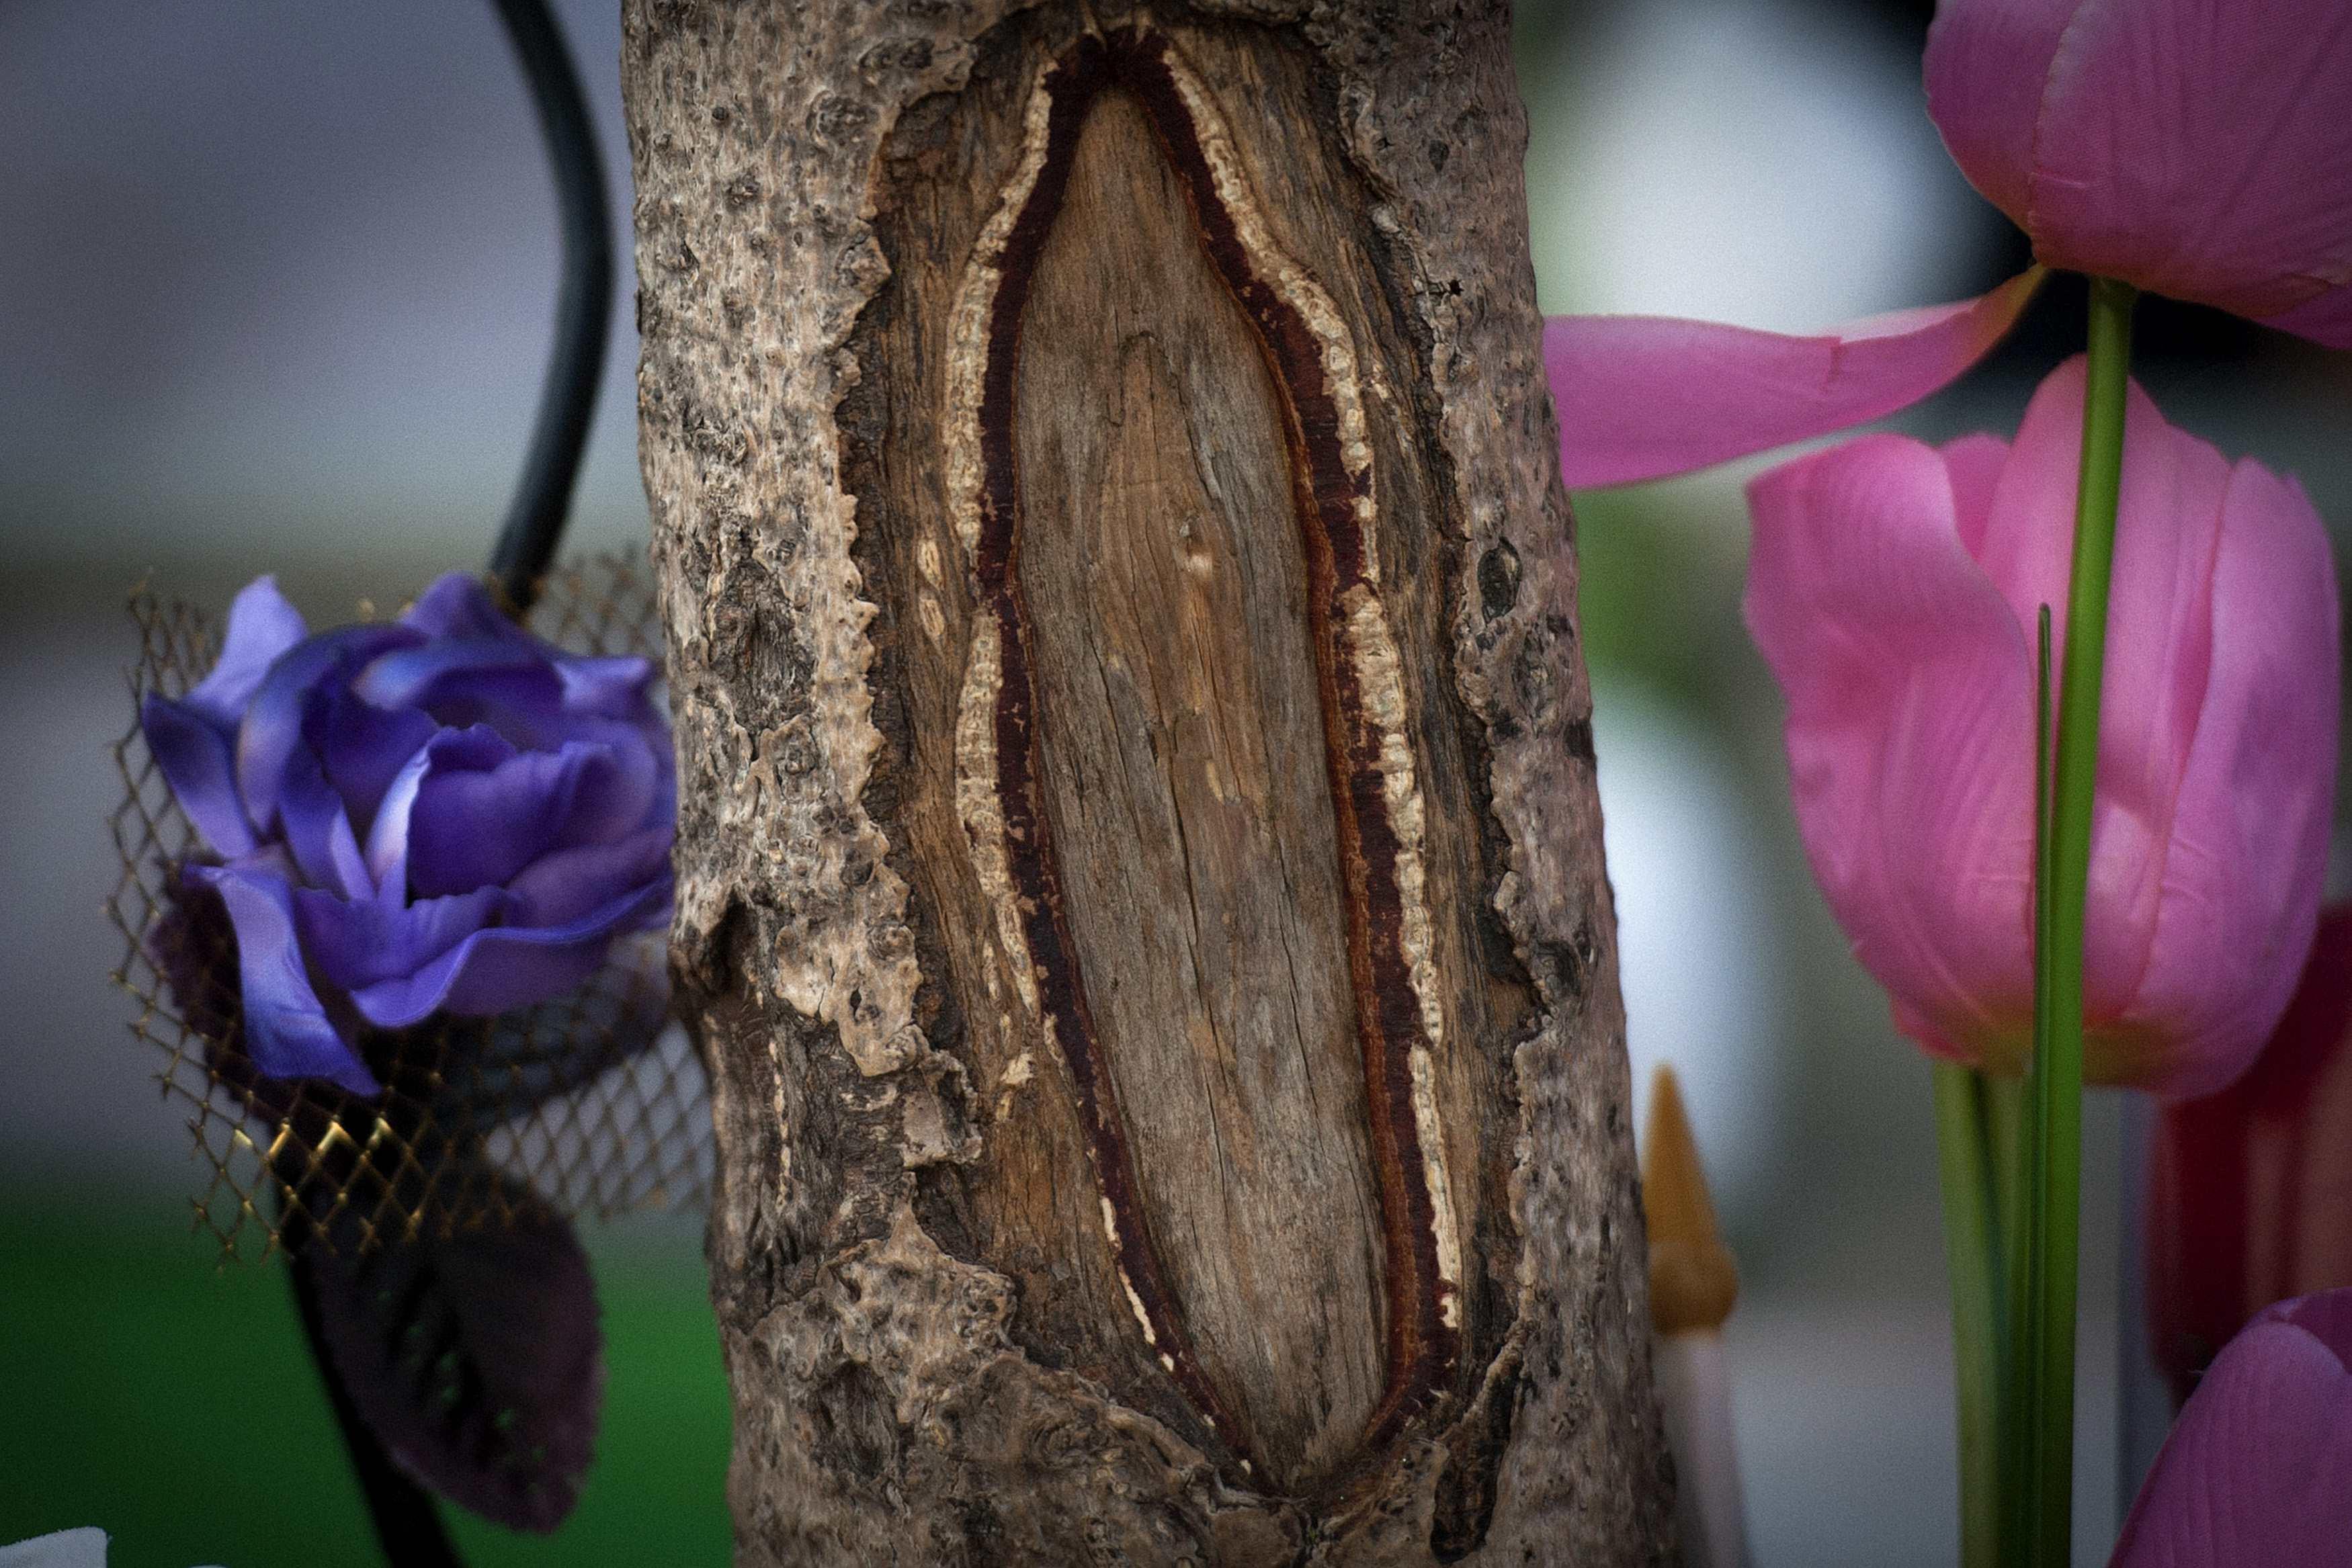 Il tronco del ginkgo biloba con il nodo che sembra la Vergine Maria (Reuters/Bedford)